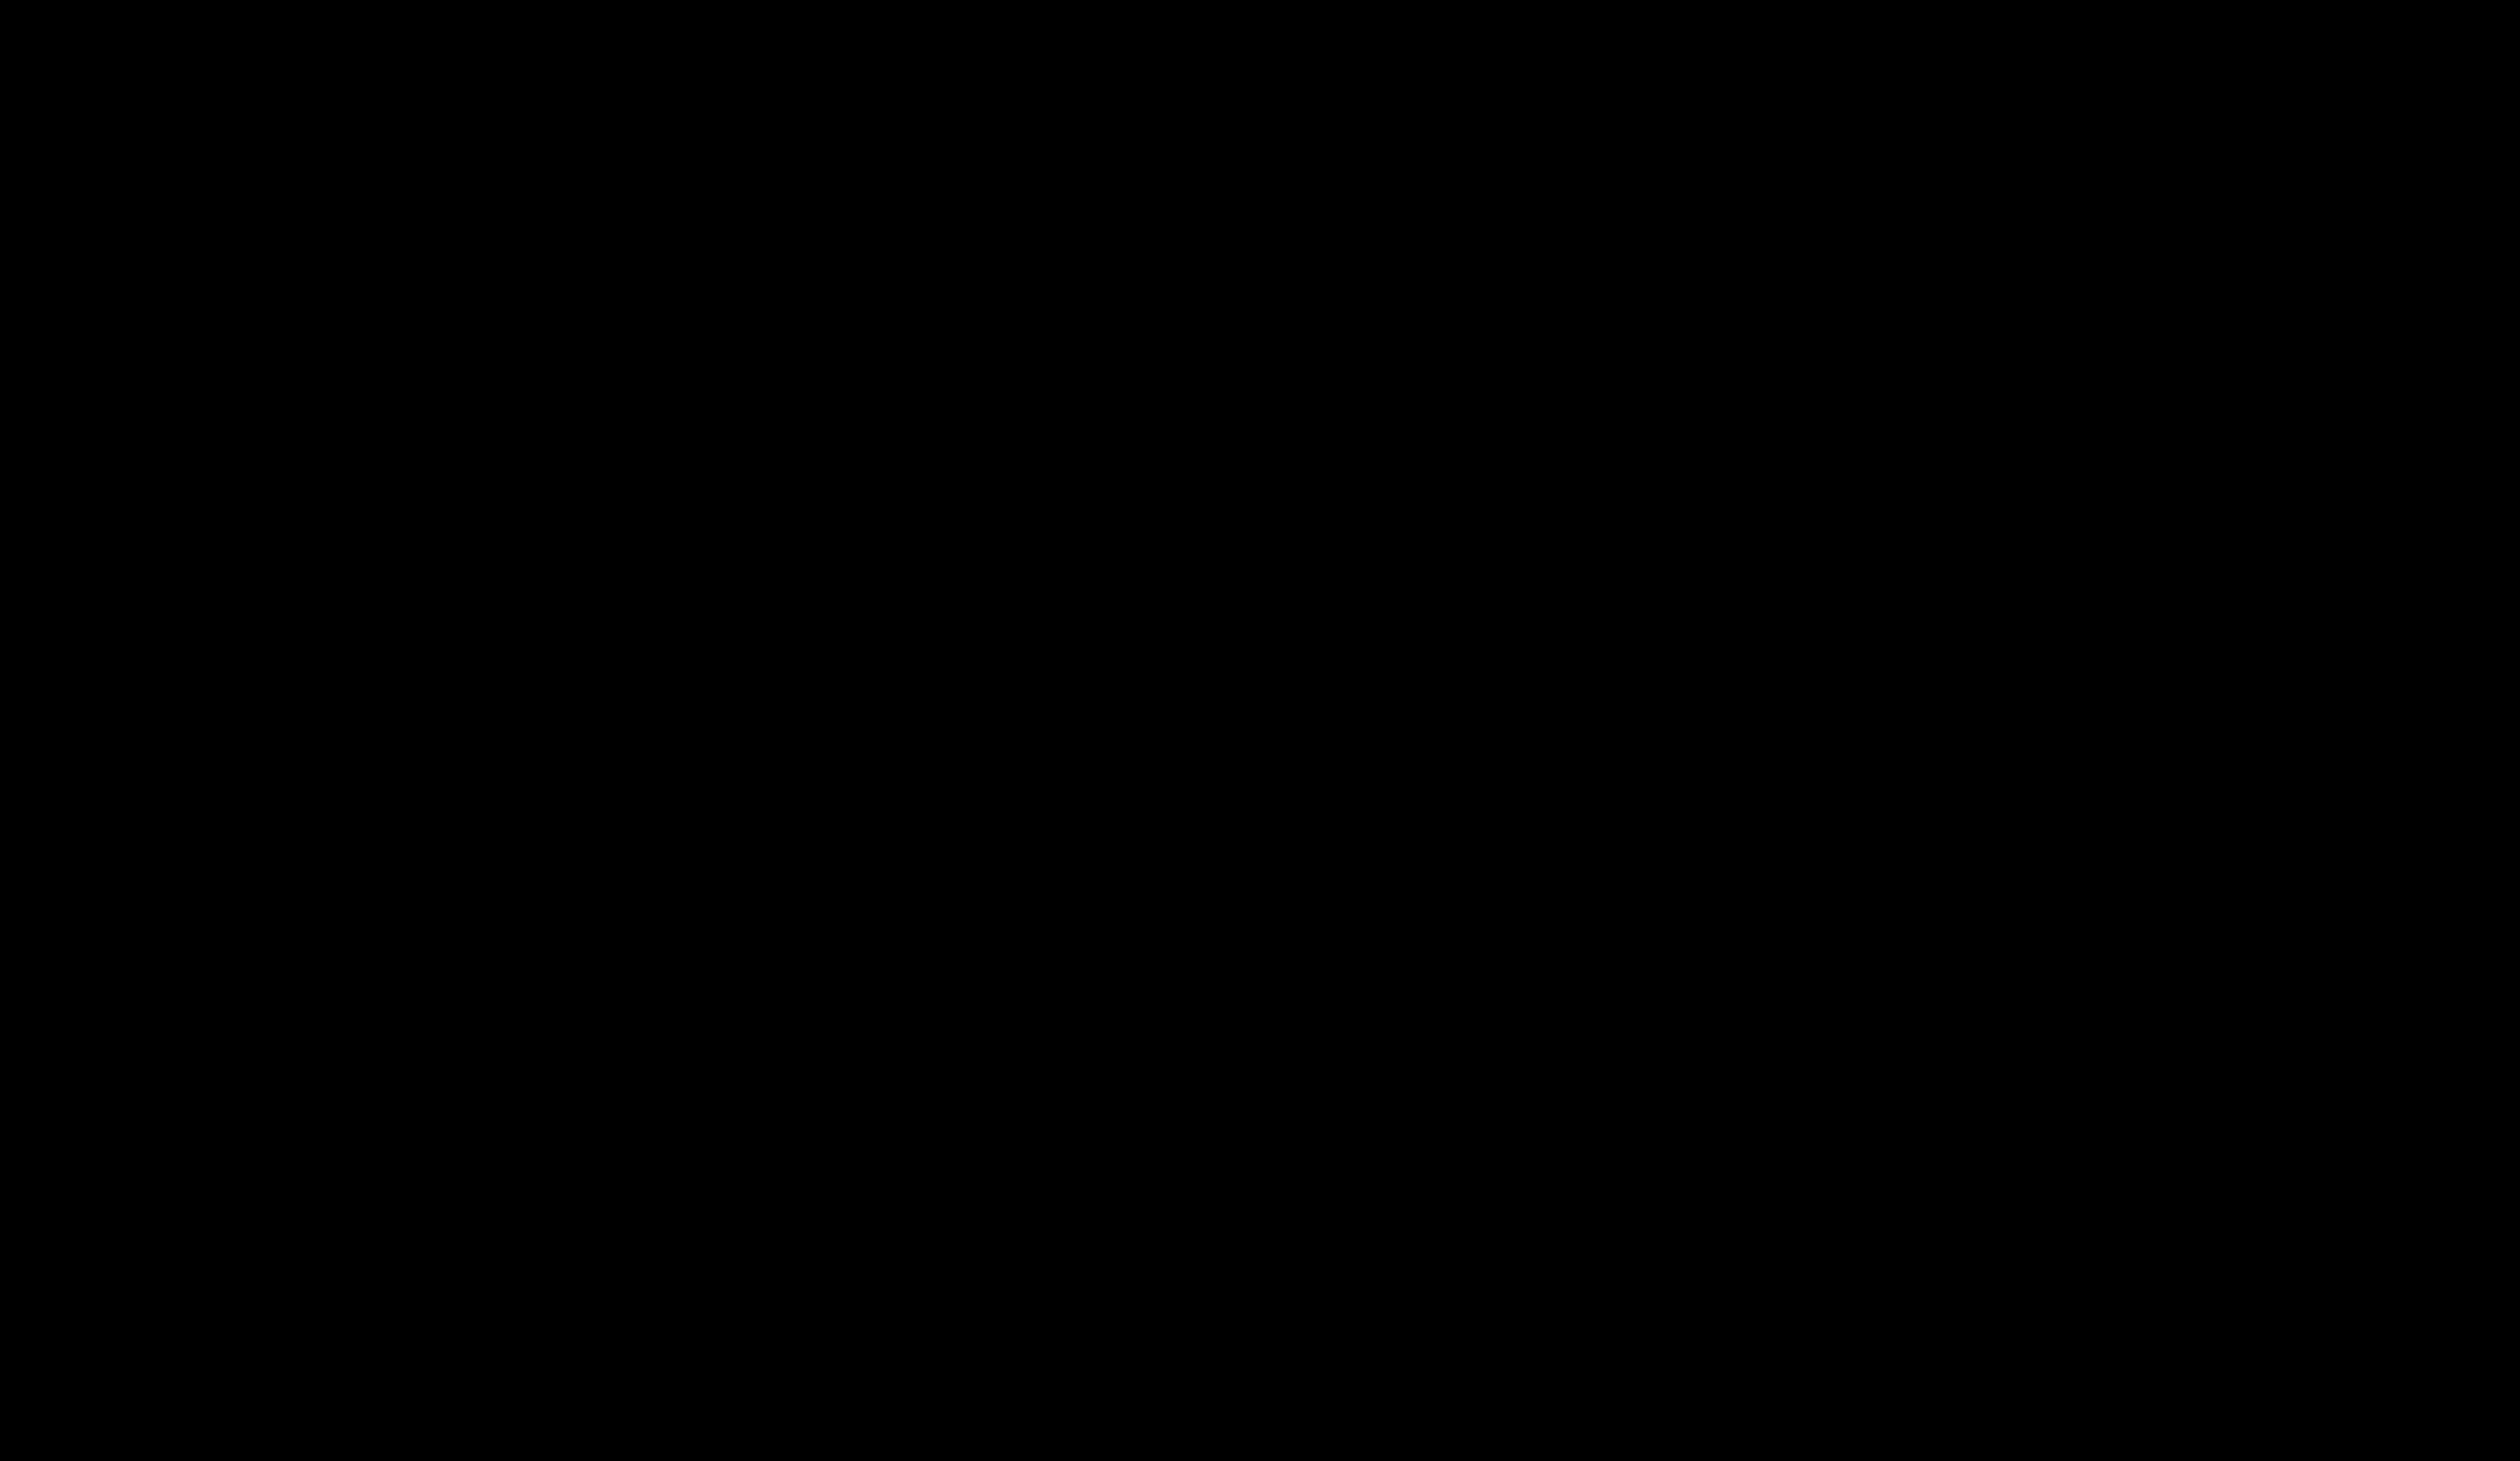 hermes logo 1 - Hermes Logo